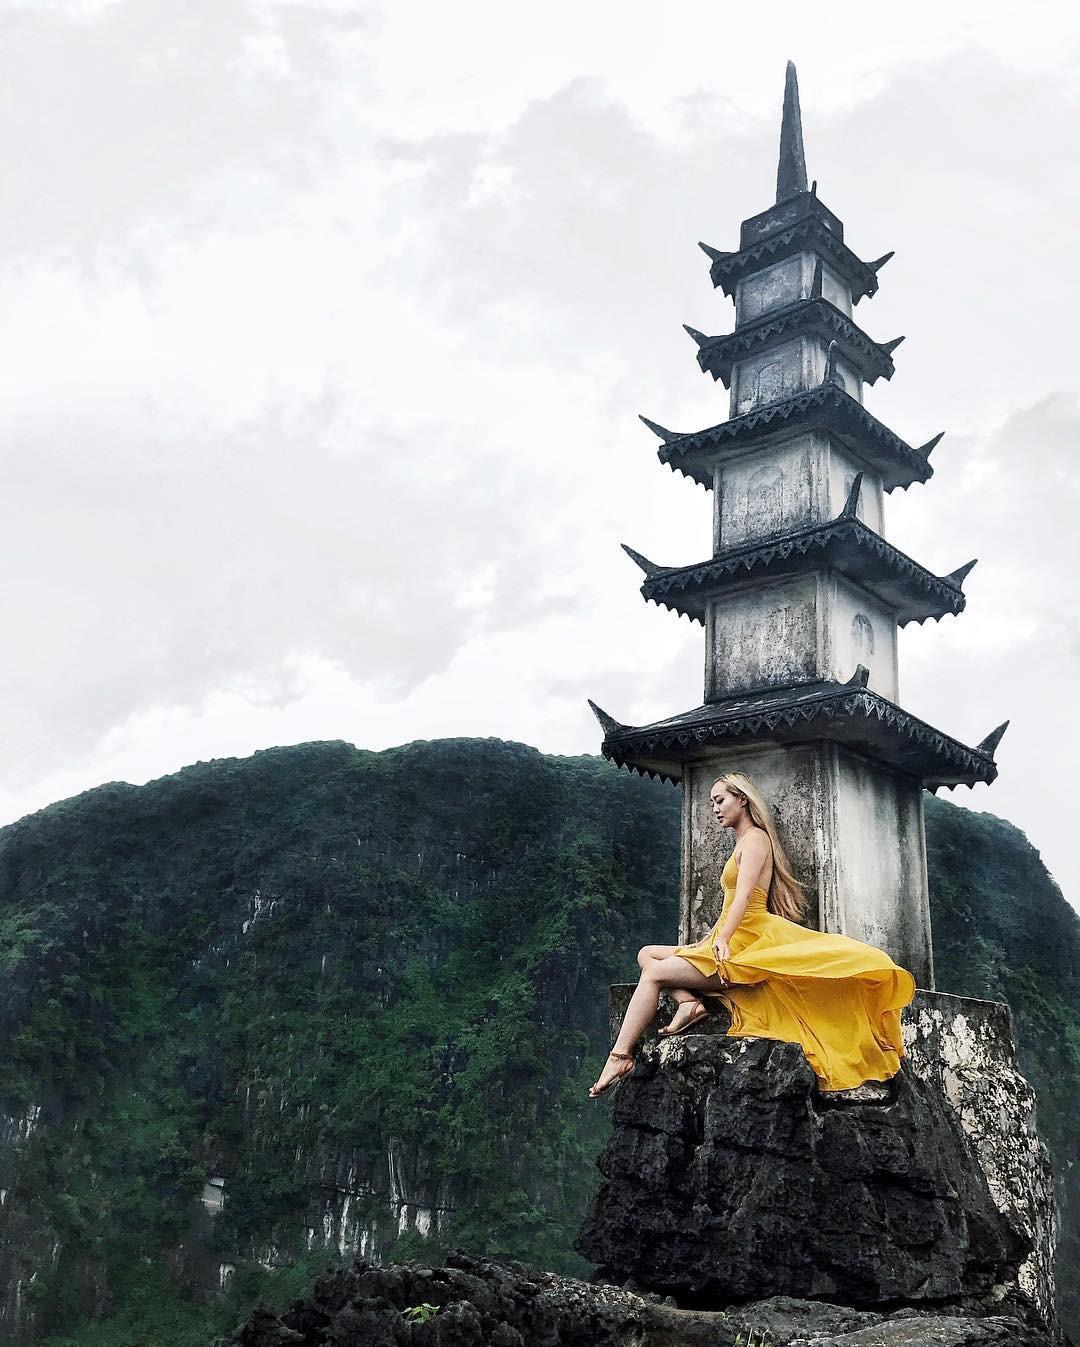 Hang Múa mờ ảo, khác biệt trong ảnh chỉnh sửa của giới trẻ Việt Ảnh 5